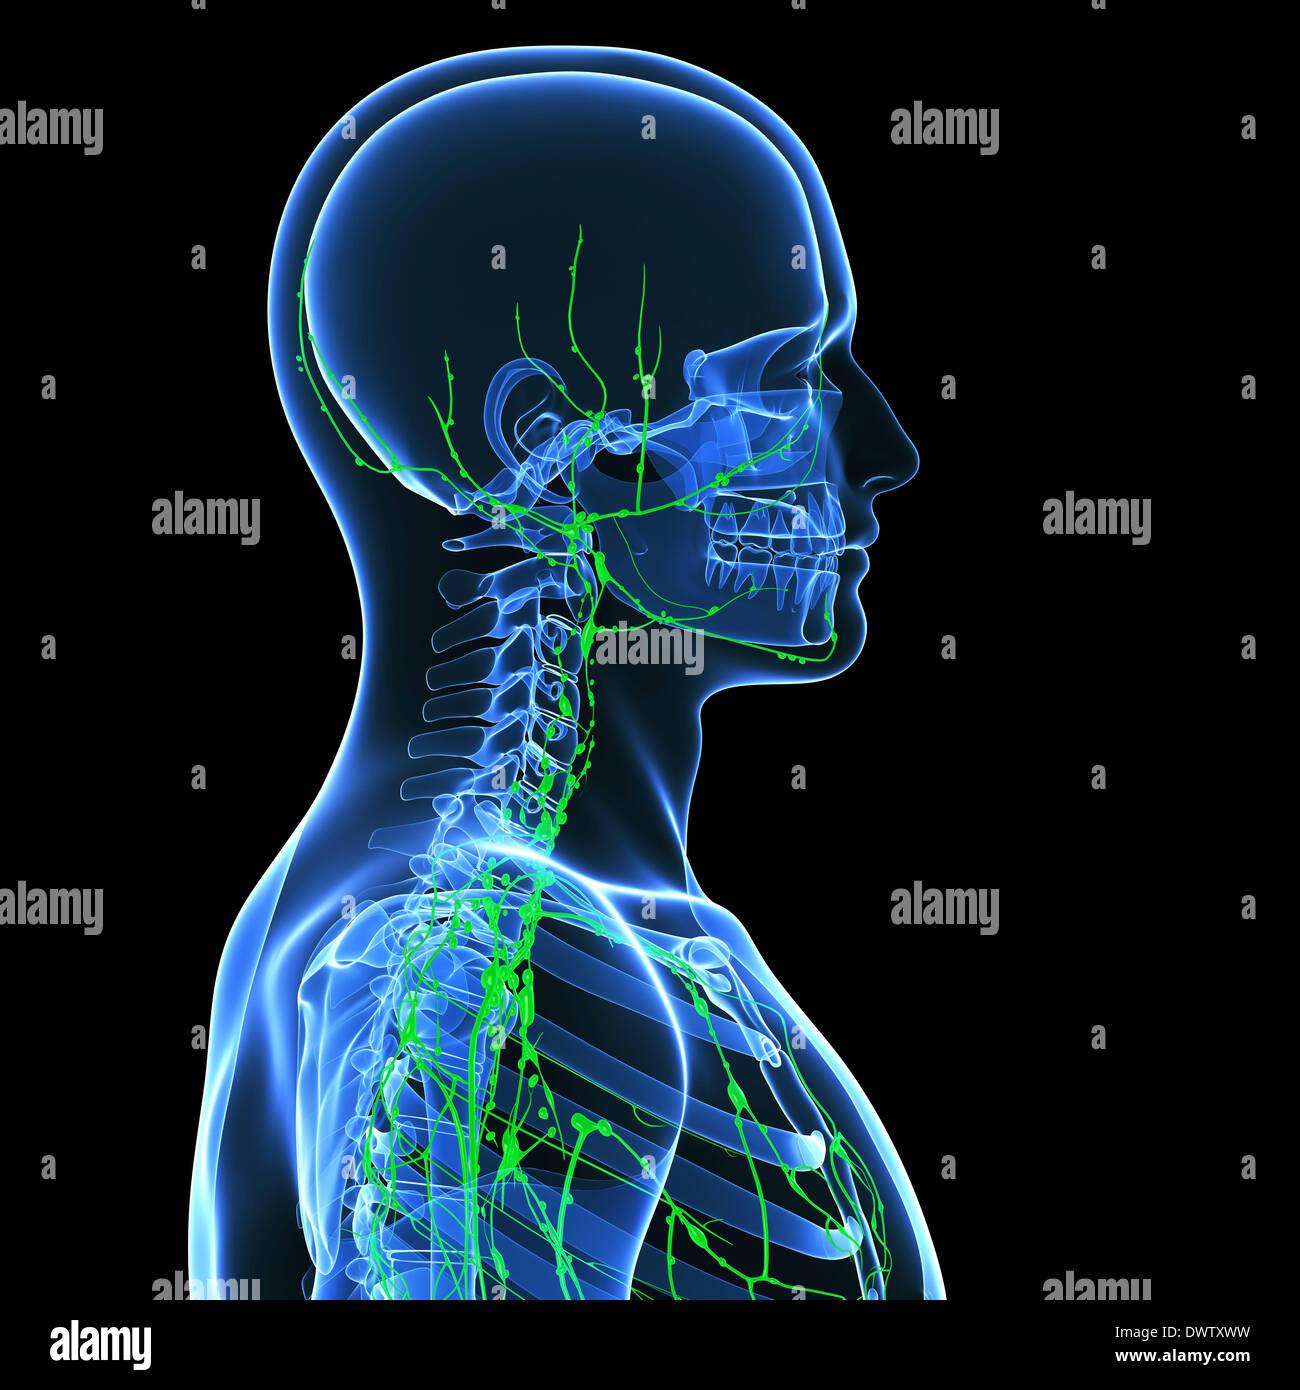 Charmant Kopf Und Hals Anatomie Radiologie Bilder - Anatomie Von ...